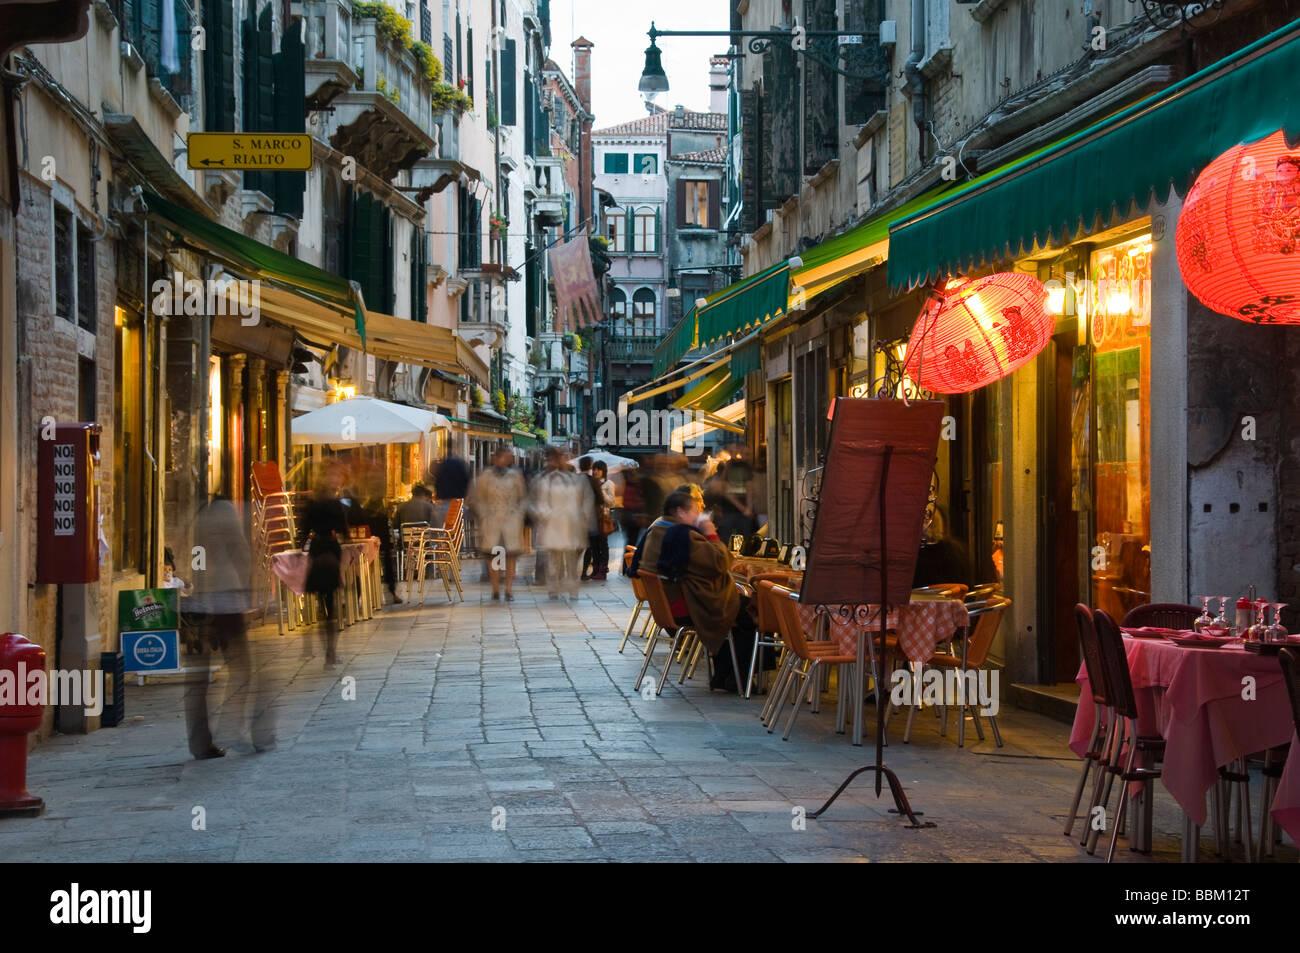 calle stretto venice - photo#22